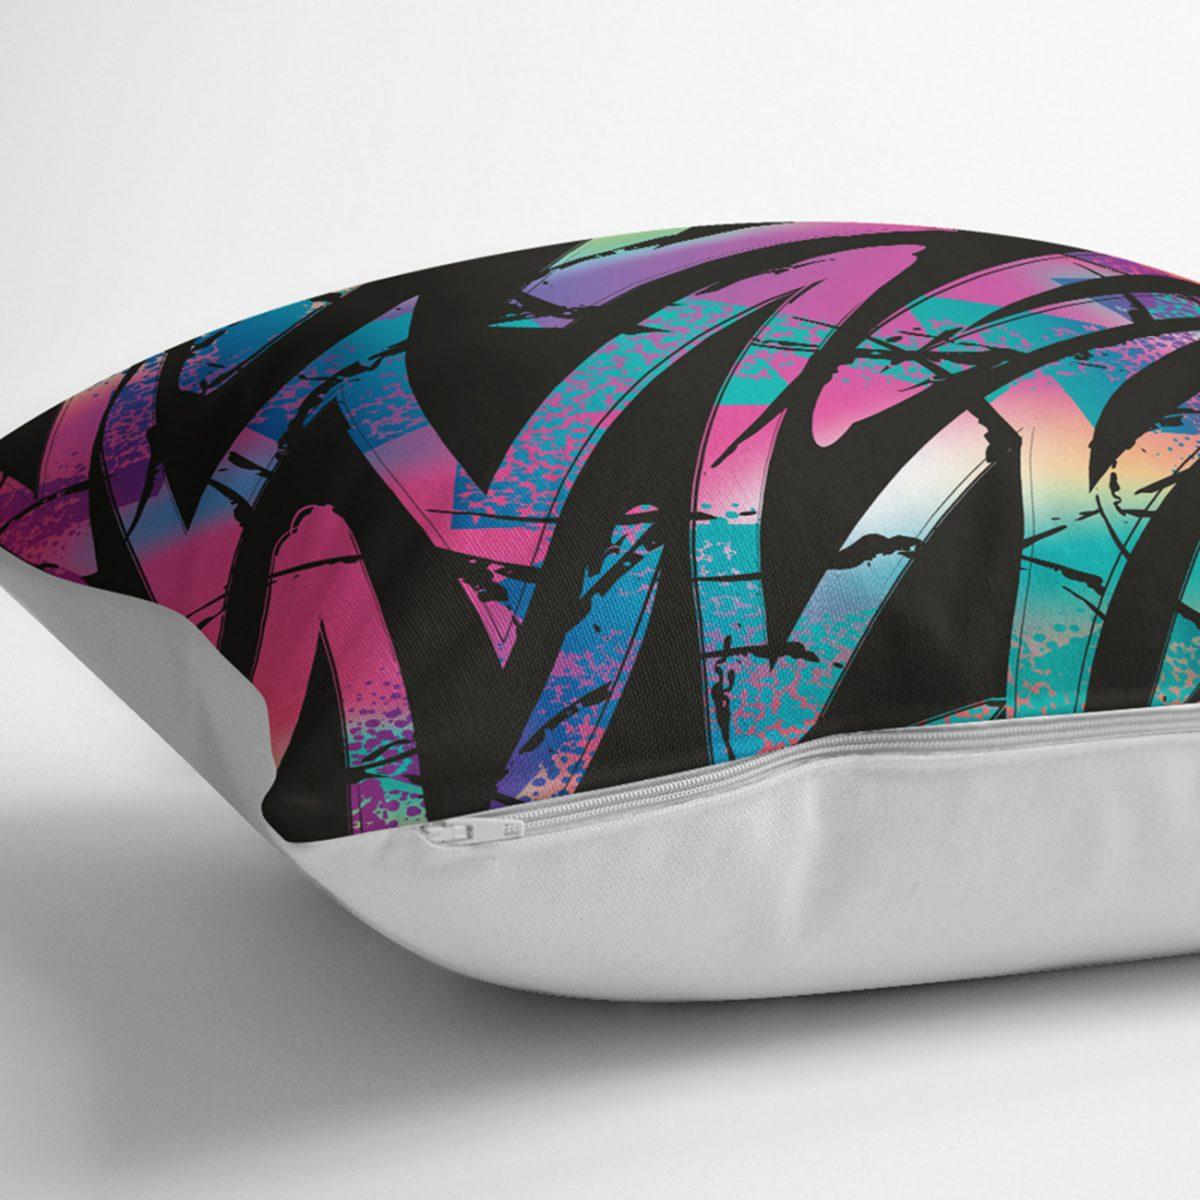 Siyah Zemin Üzerinde Neon Zigzag Desenli Dekoratif Kırlent Kılıfı Realhomes